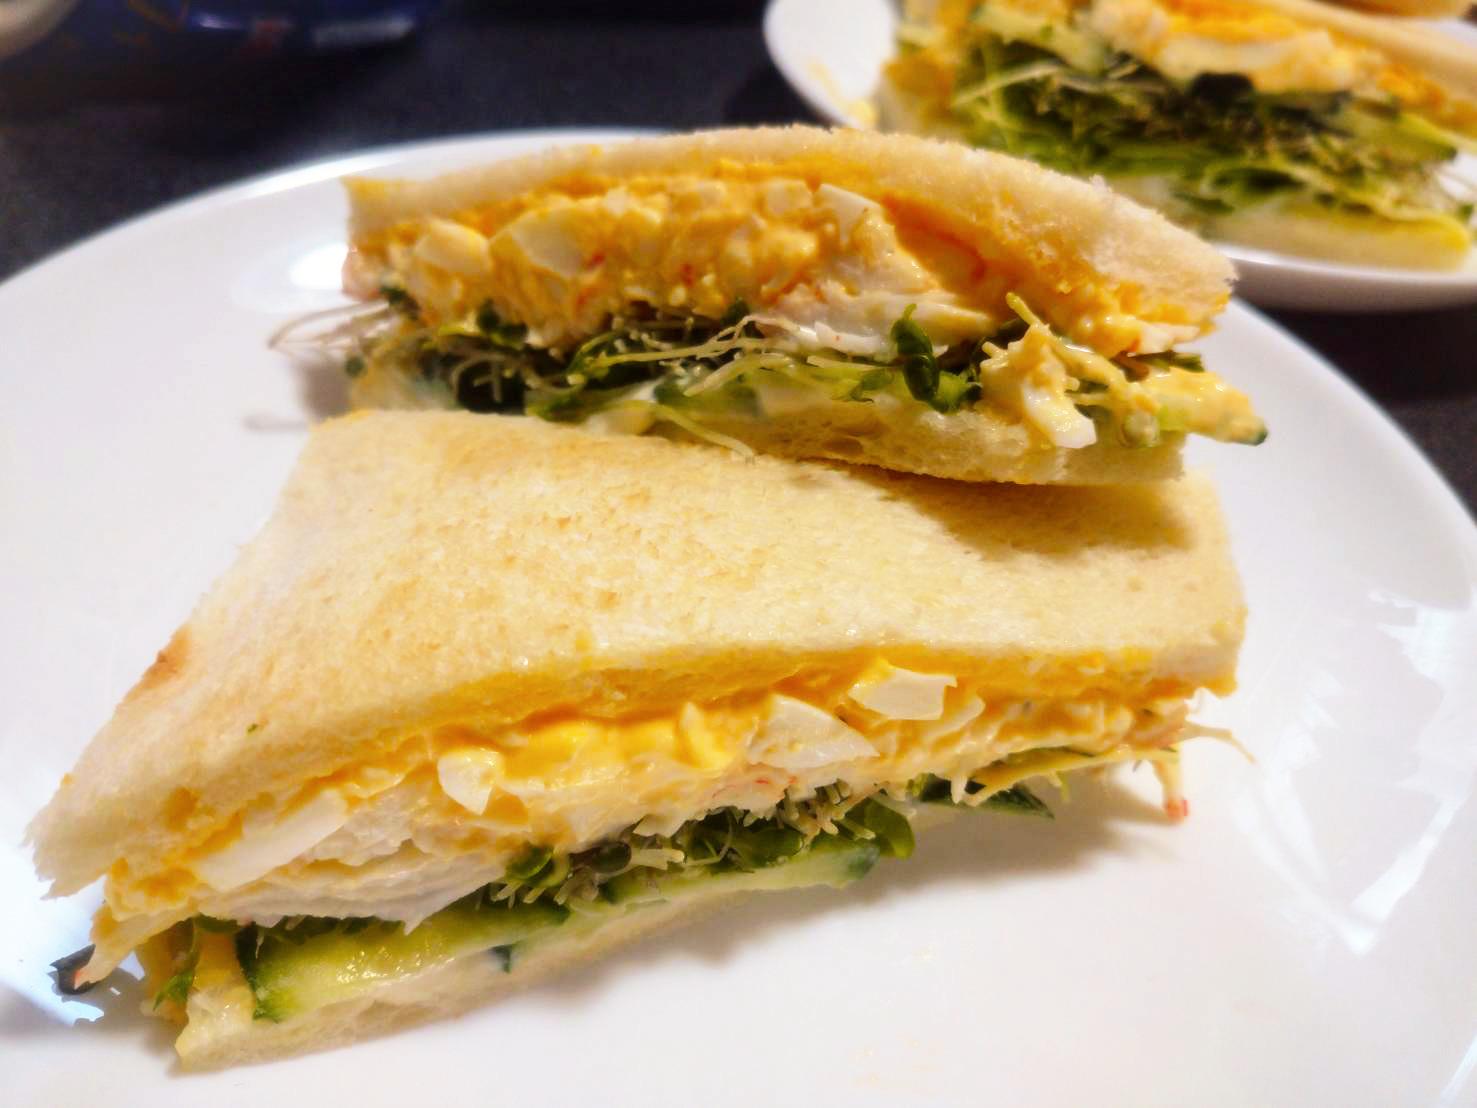 スルフォラファンスプラウトと卵たっぷりサラダのサンドウィッチ